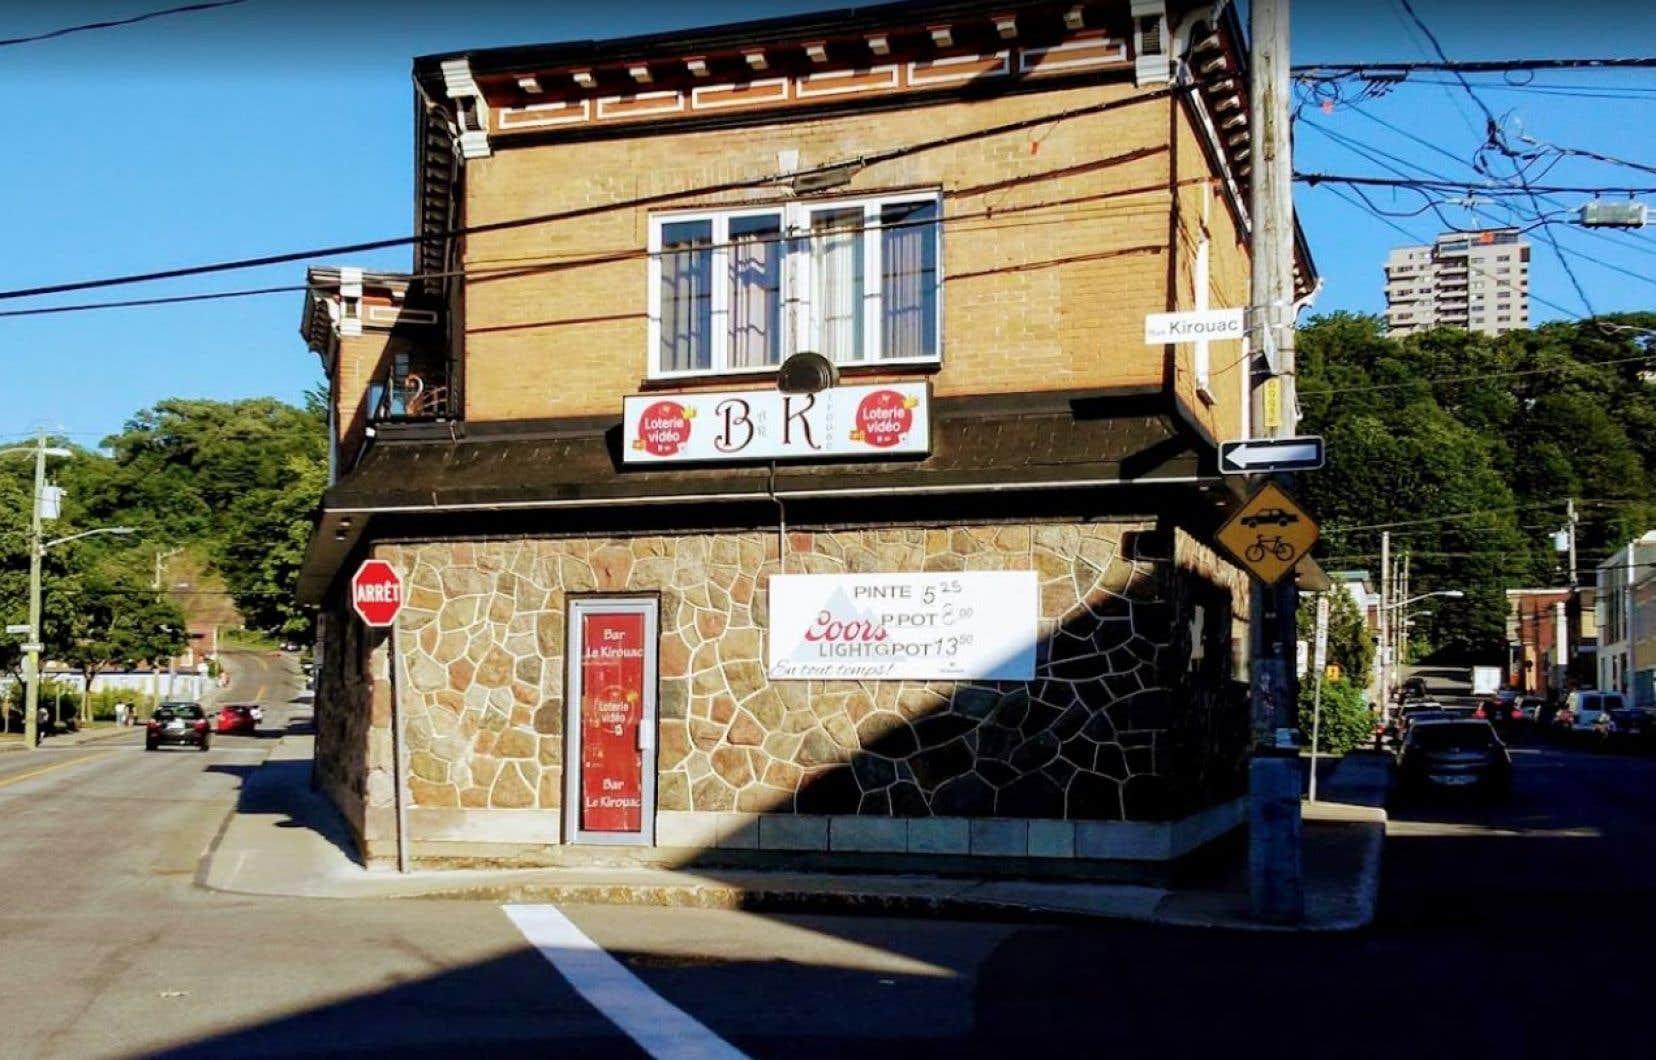 Le bar Kirouac a annoncé lundi qu'il fermait ses portes jusqu'au 9 septembre.